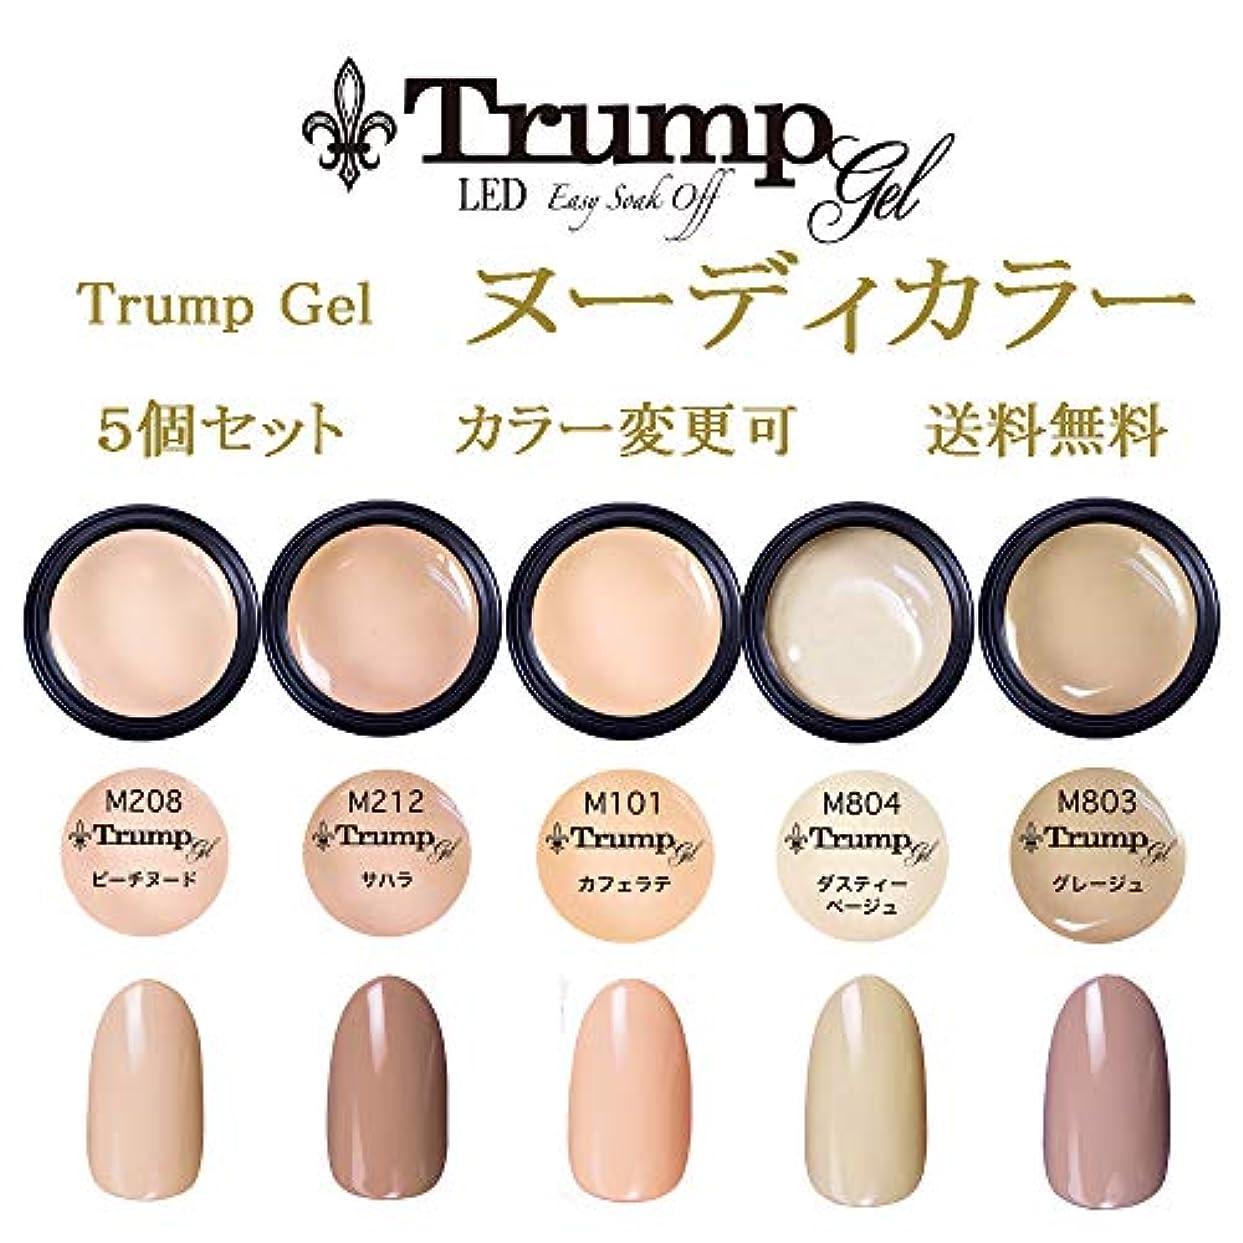 収まるインチ消防士日本製 Trump gel トランプジェル ヌーディカラー 選べる カラージェル 5個セット ベージュ ブラウン ピンク